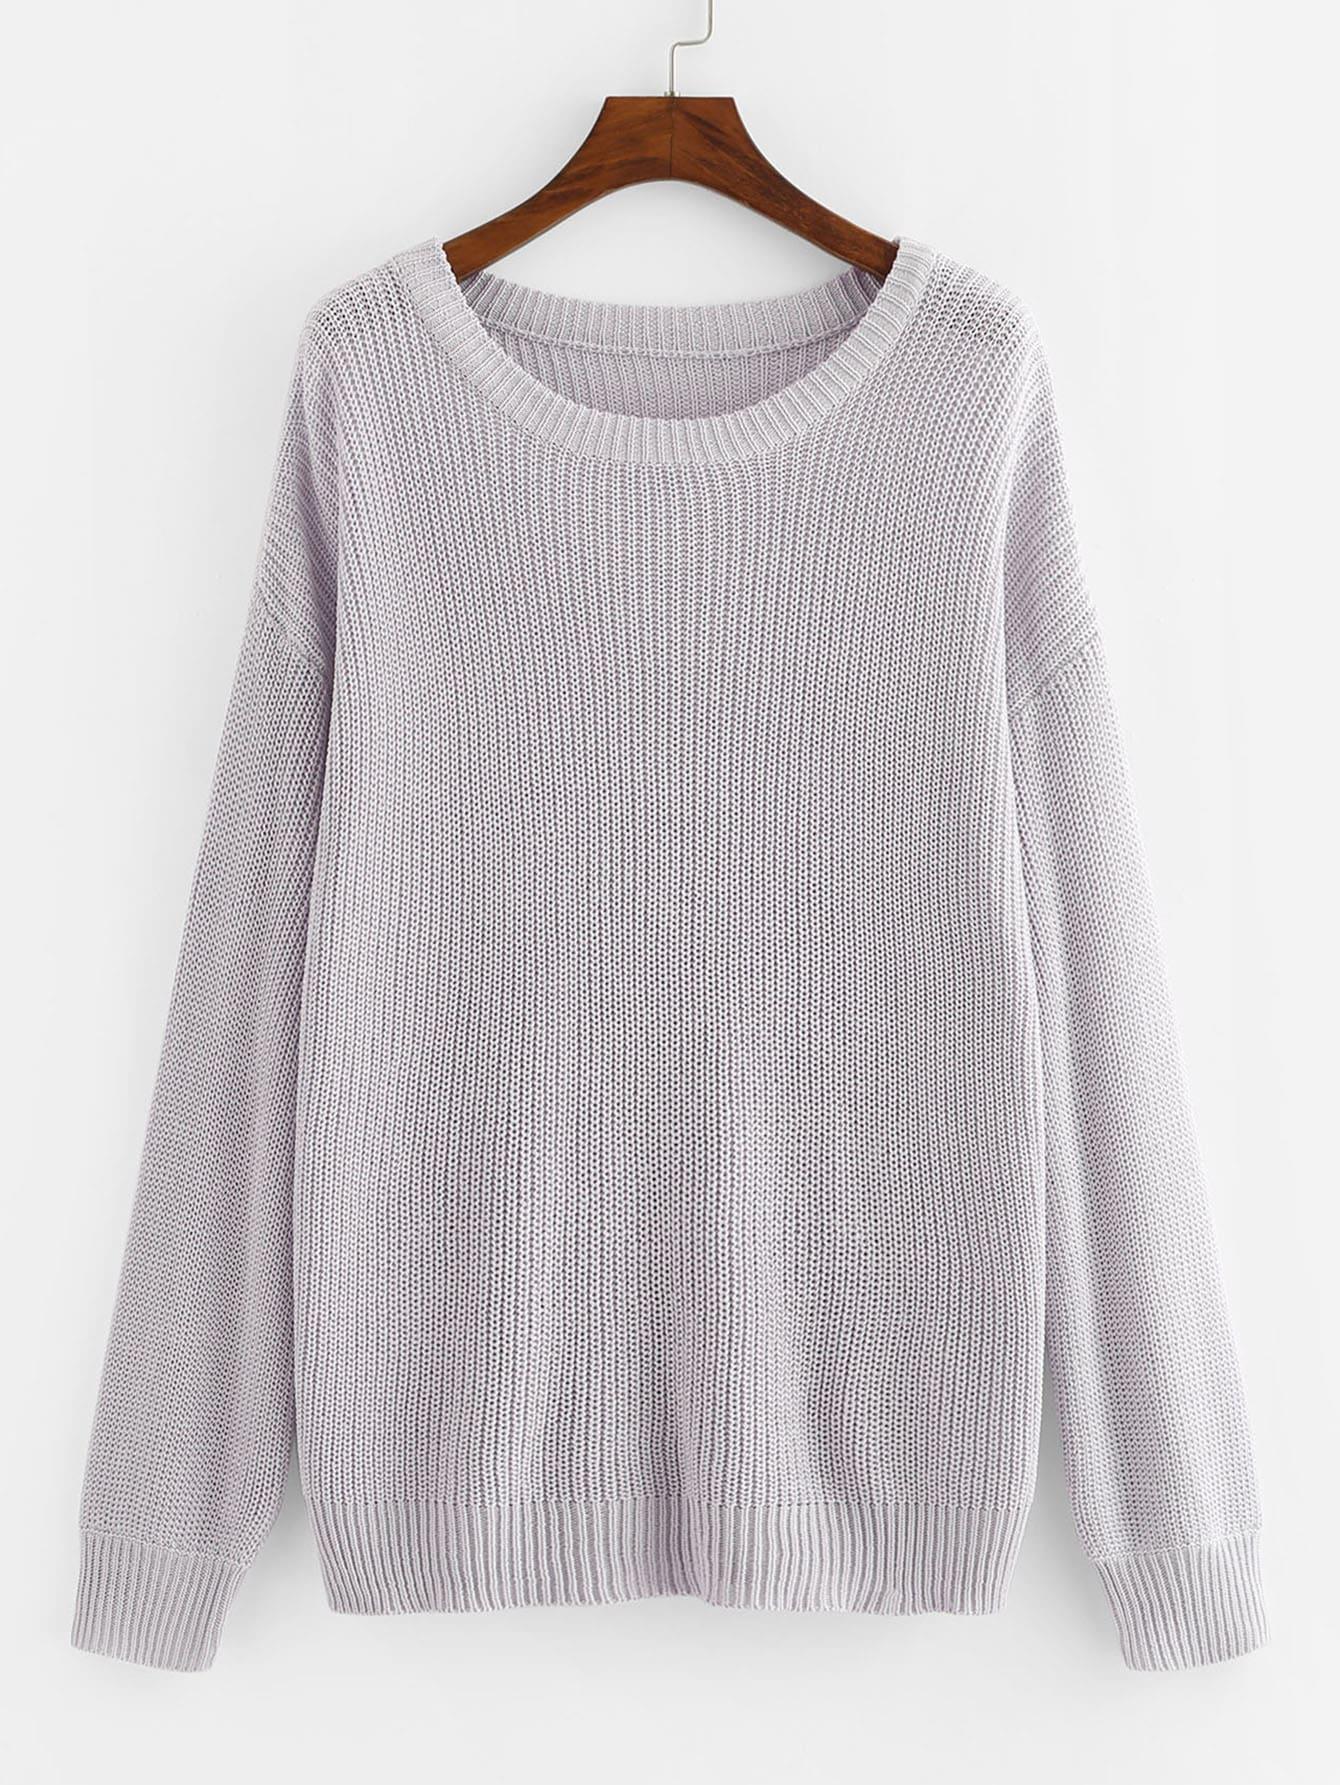 Купить Однотонный свитер, null, SheIn